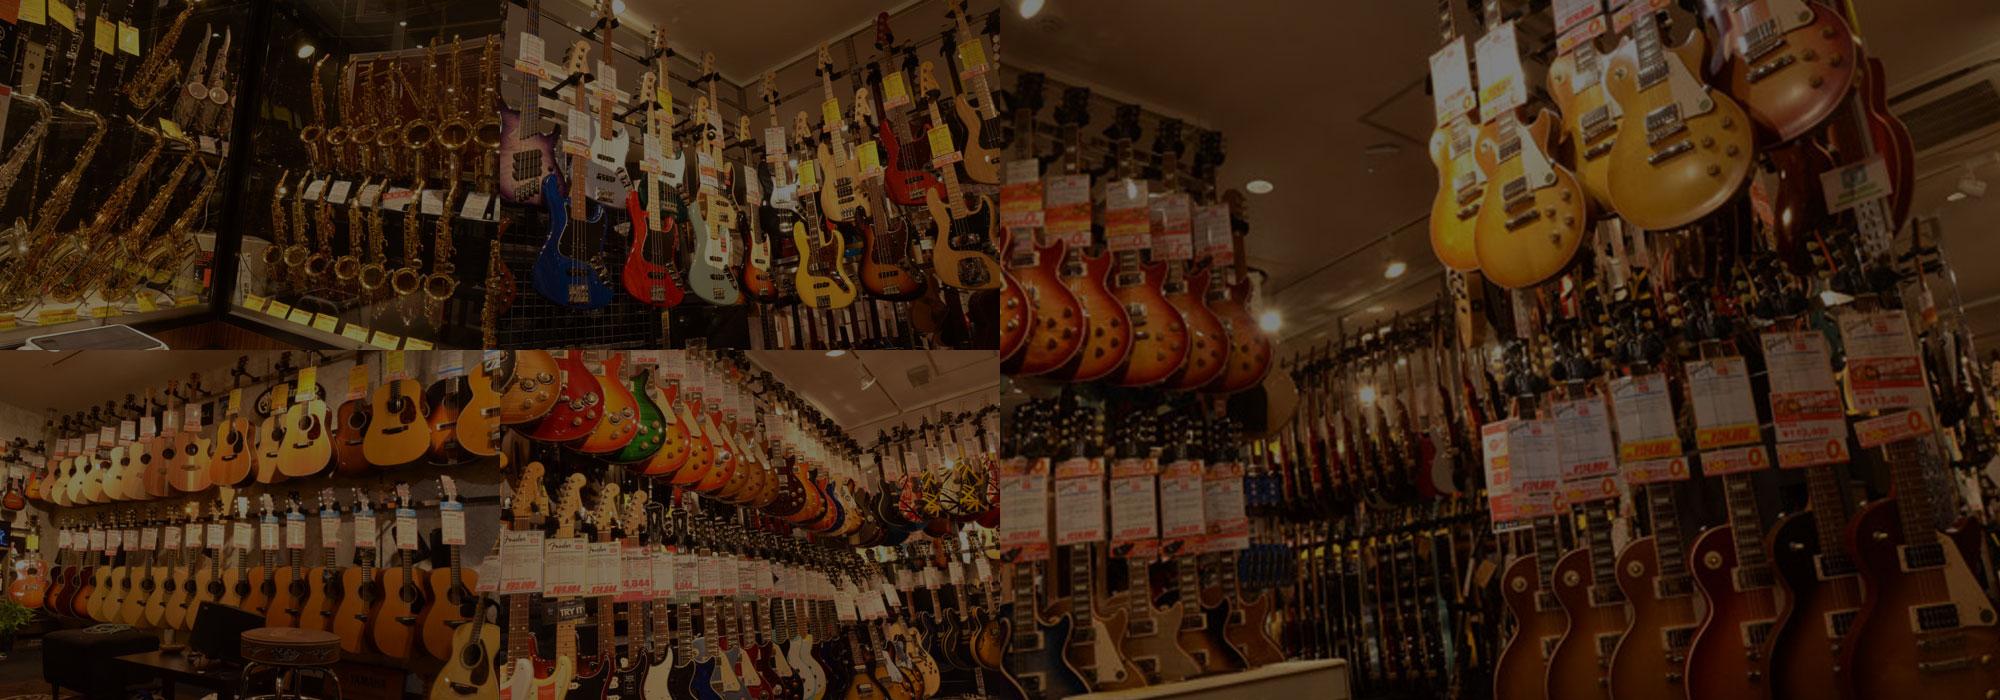 イシバシ楽器 横浜店